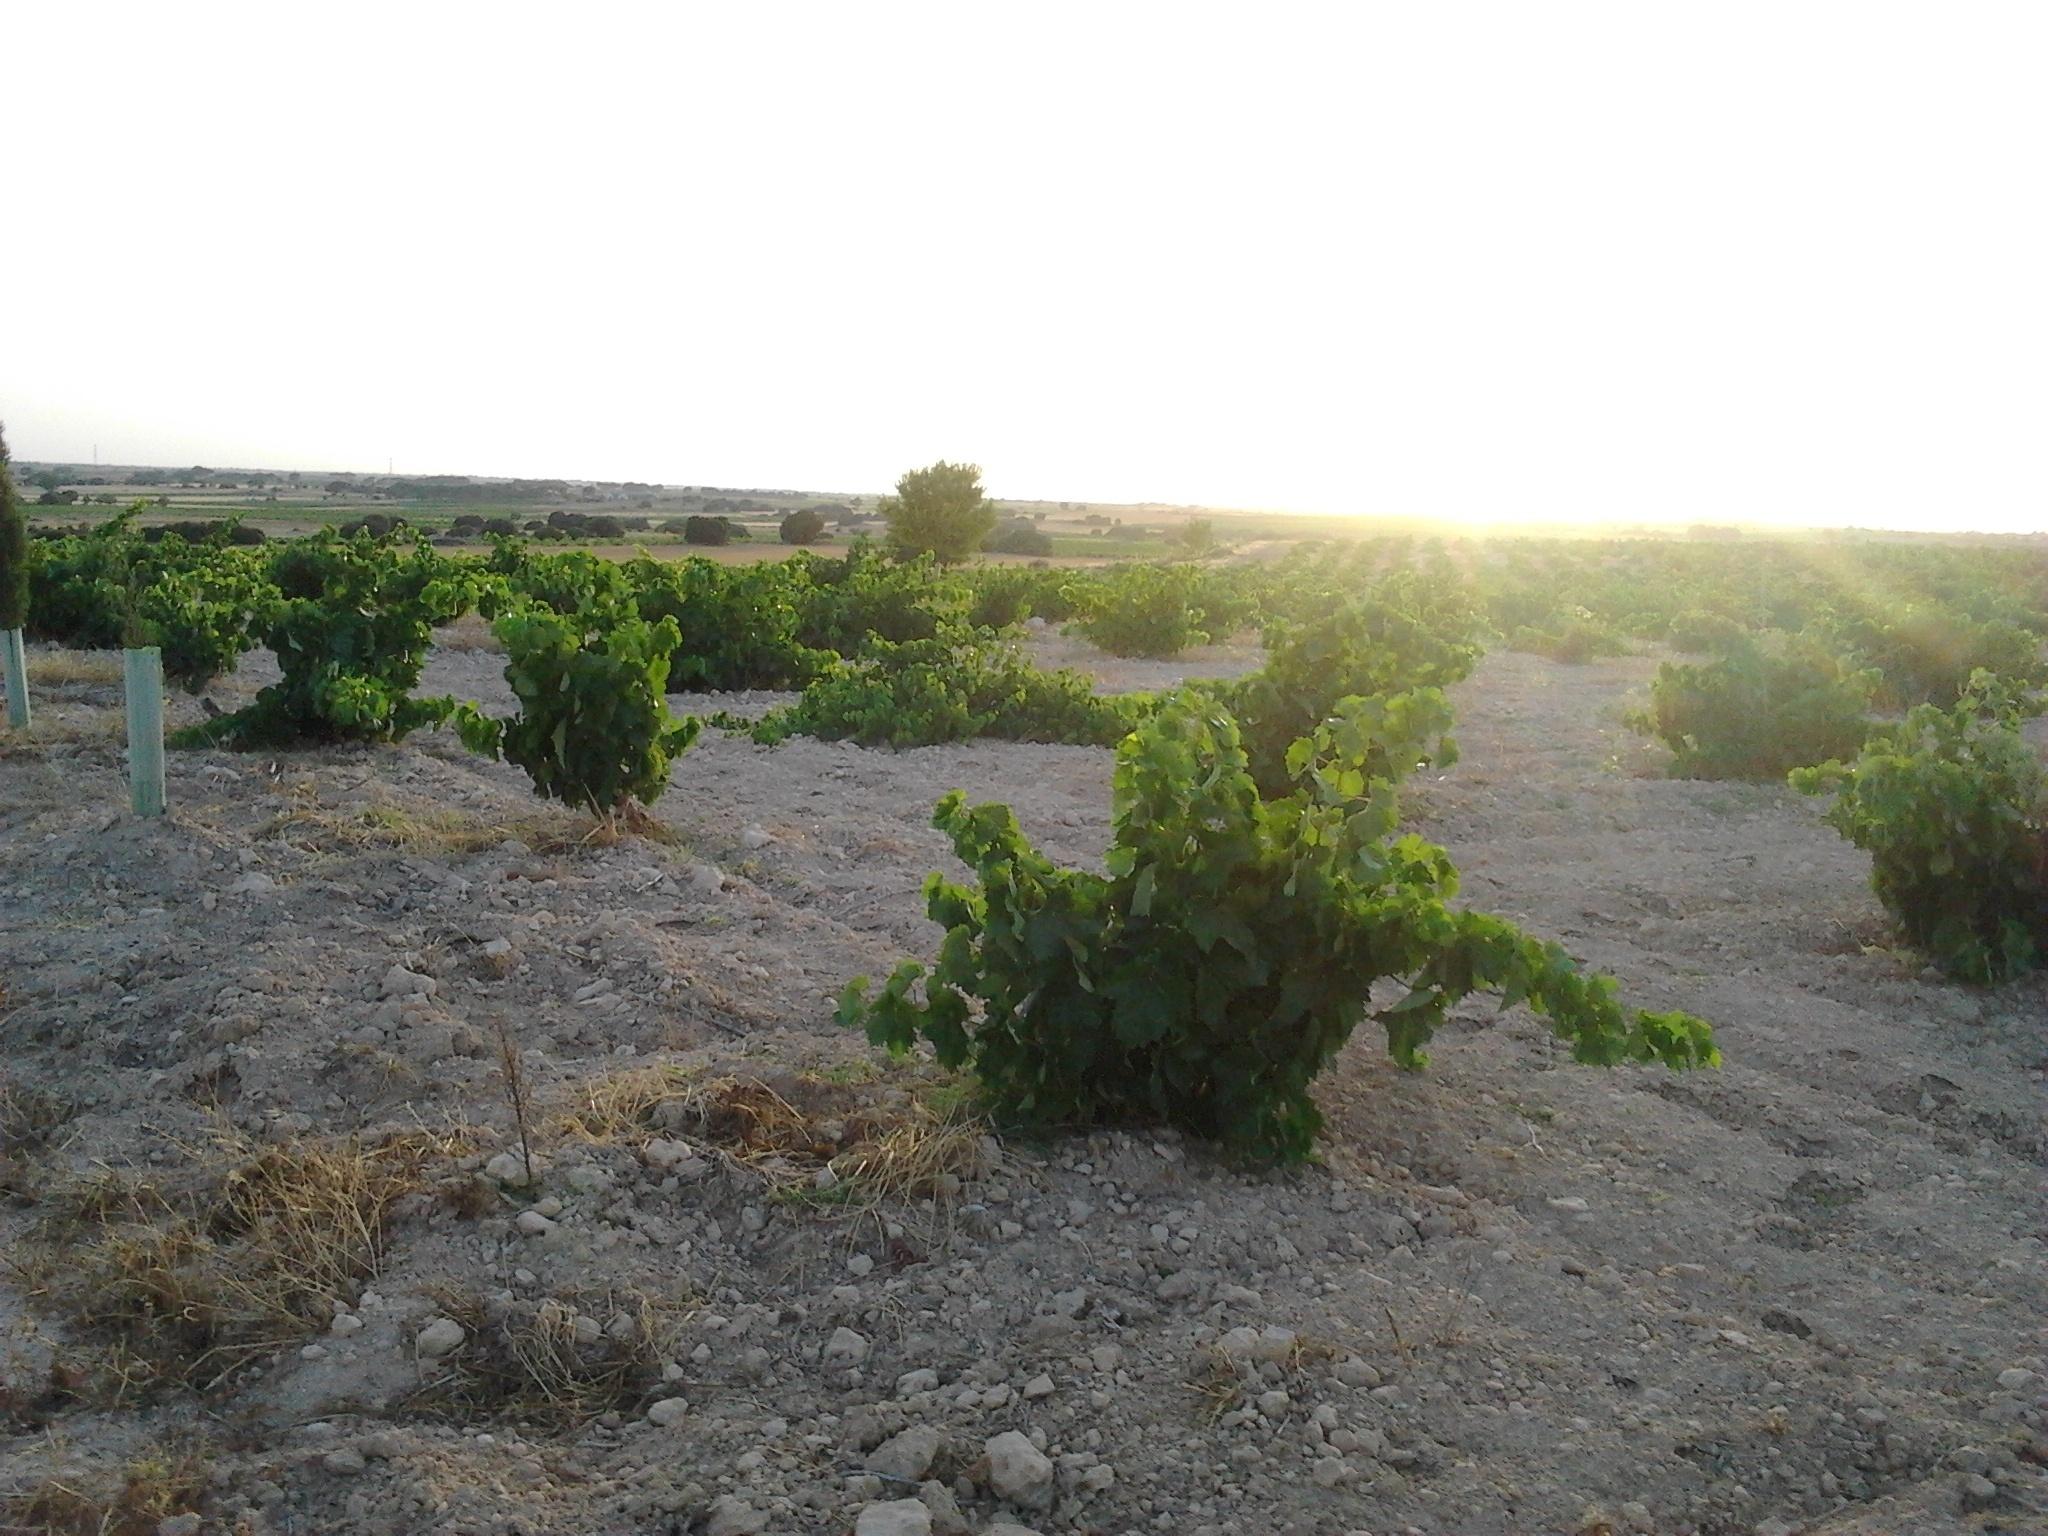 La vendimia en Montilla-Moriles llega a su ecuador con el inicio de la recolección de Pedro Ximénez